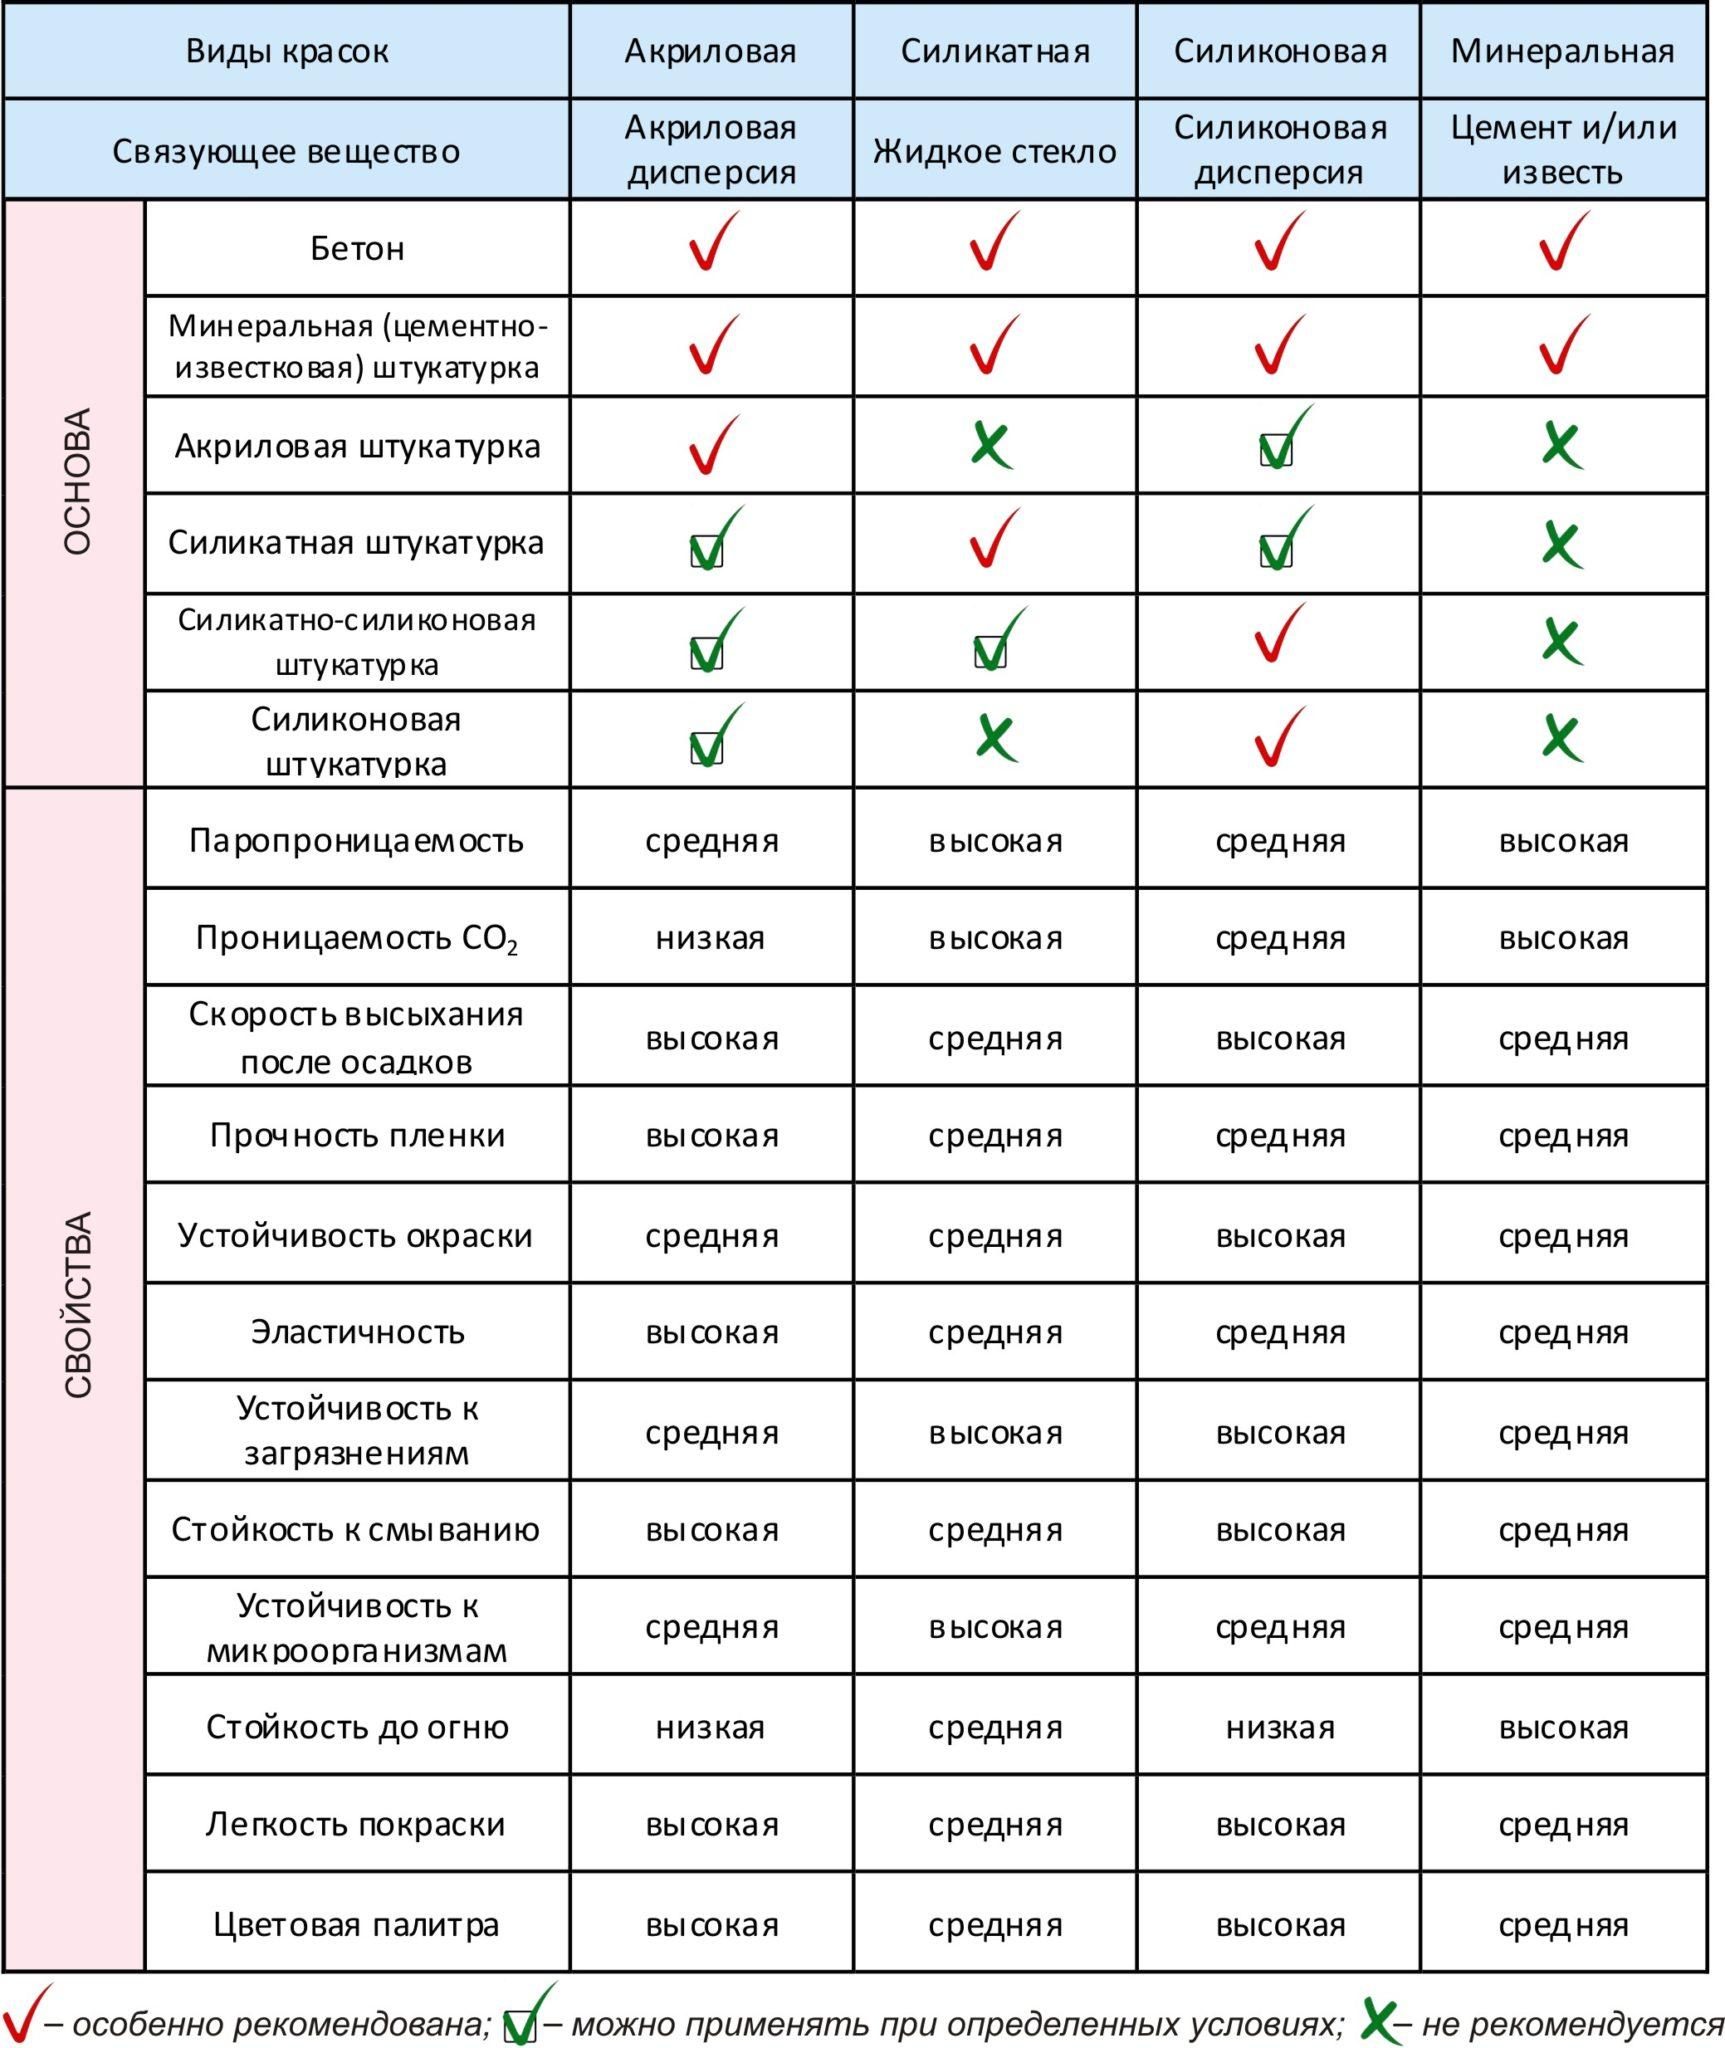 Сравнительная характеристика различных видов краски